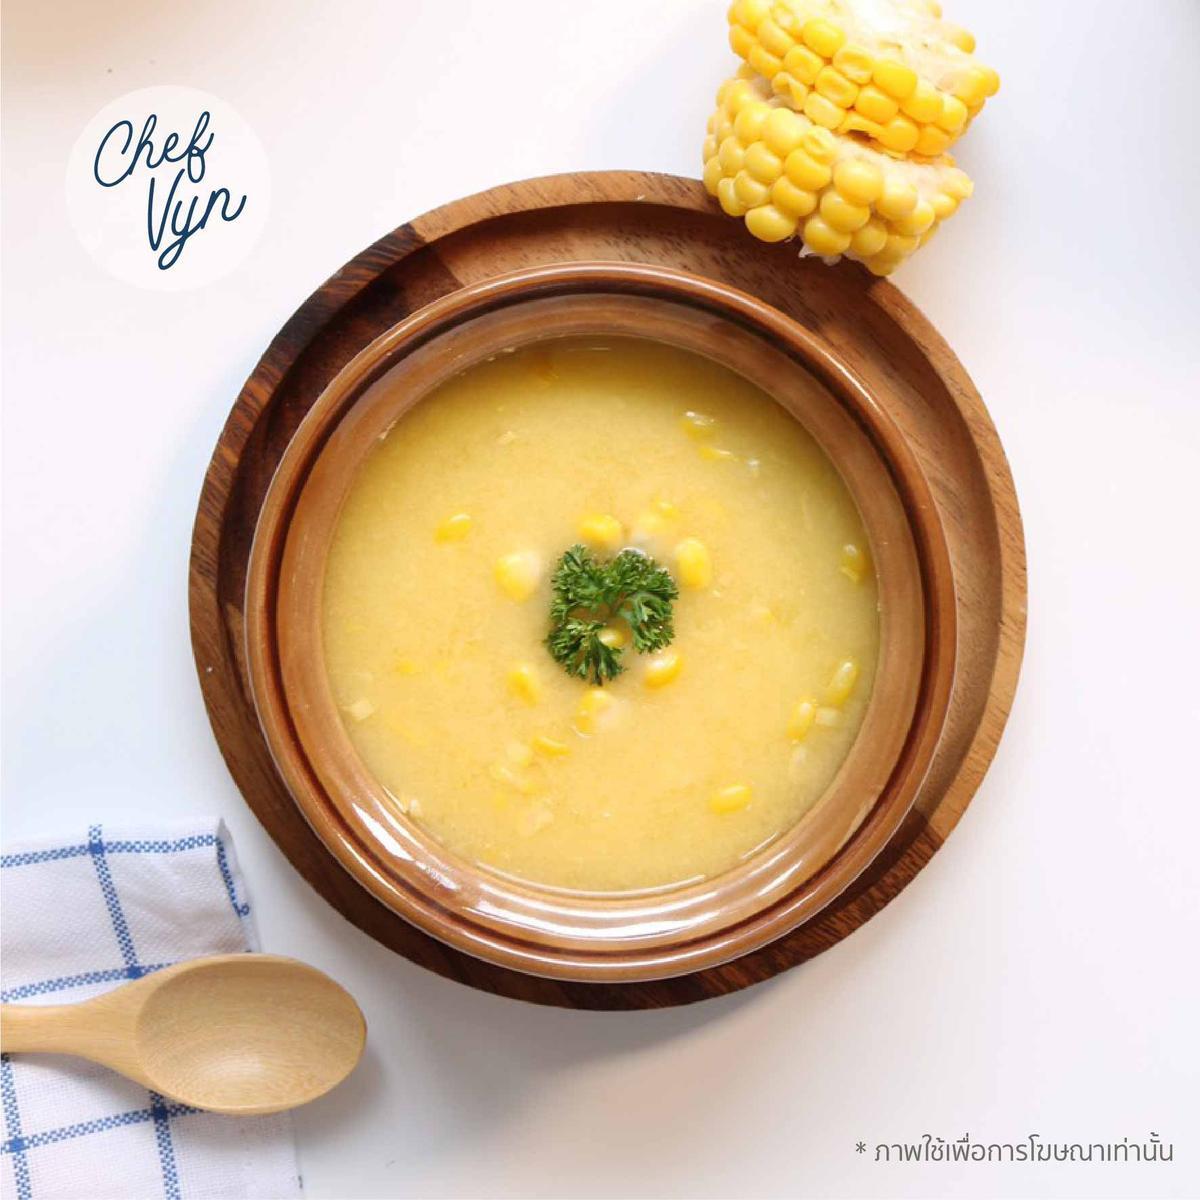 ซุปเพื่อสุขภาพ Healthy Soup_ซุปข้าวโพด